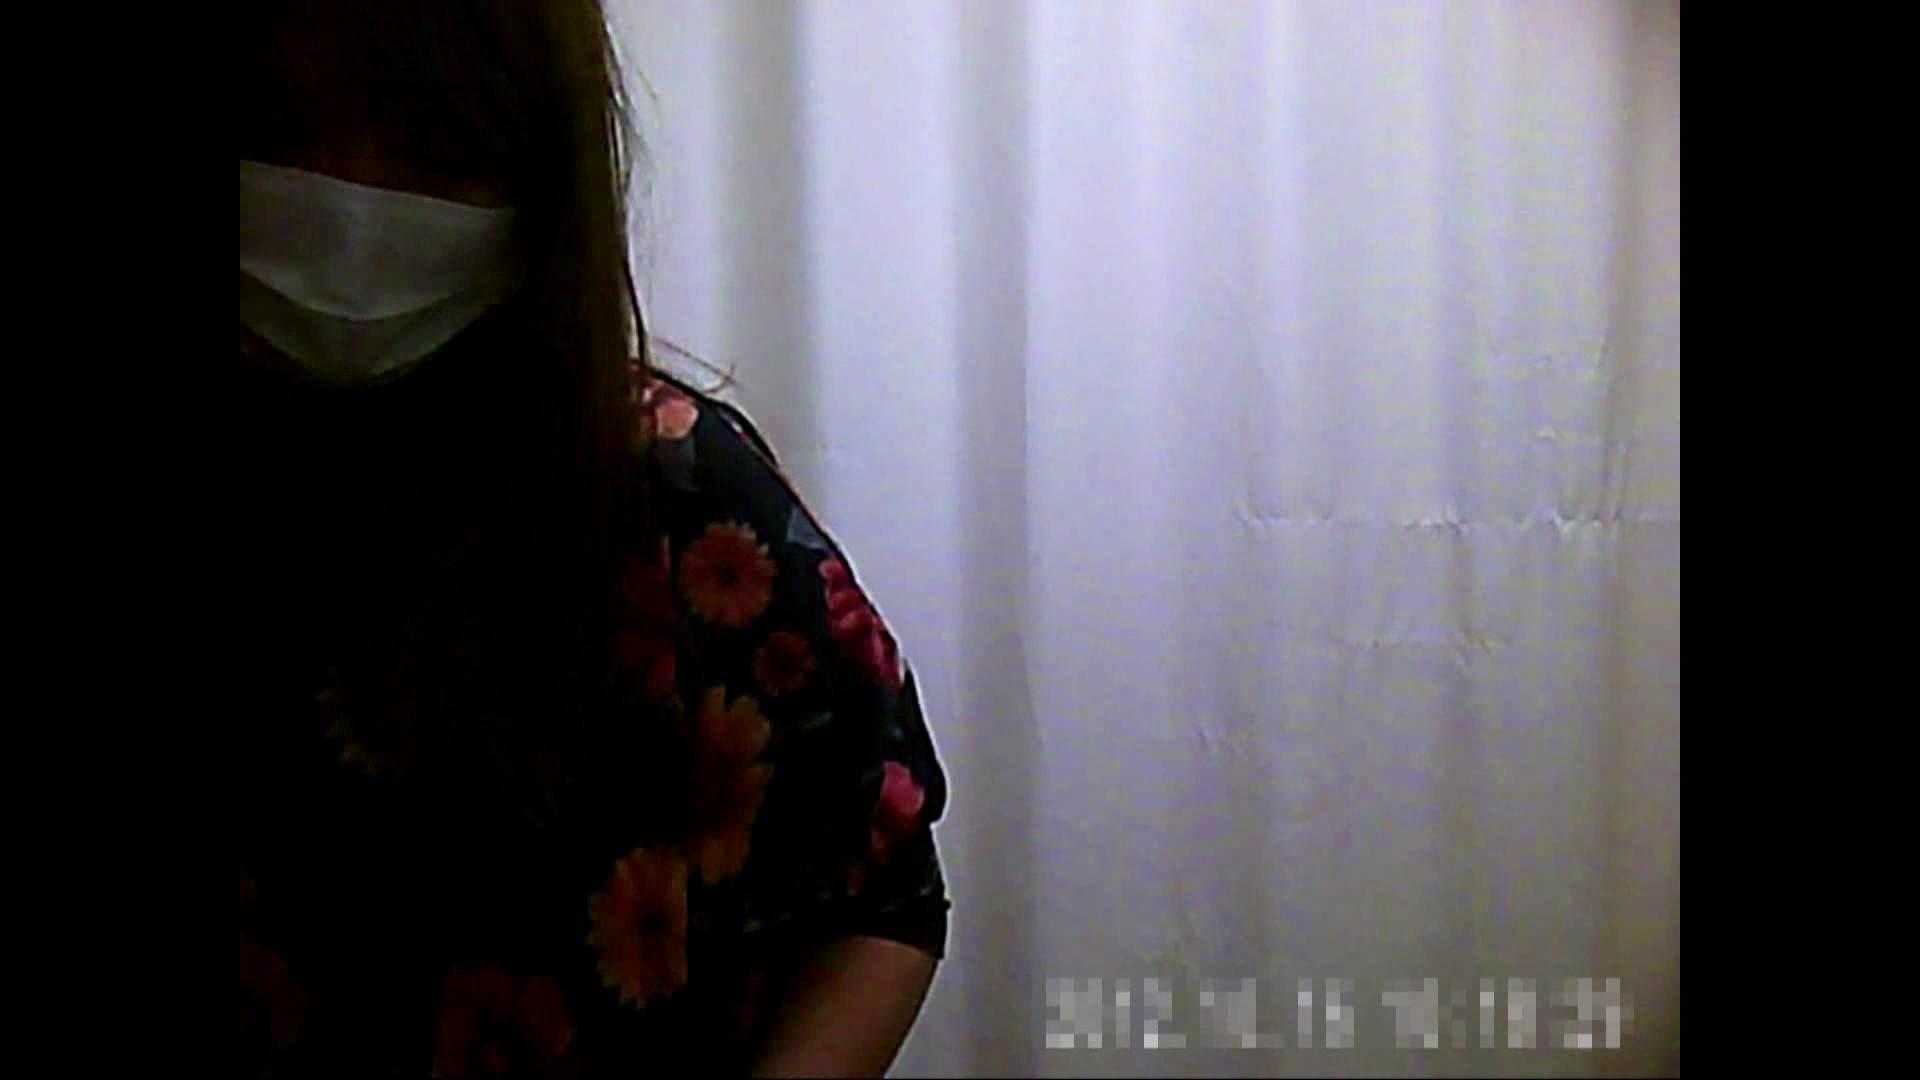 病院おもいっきり着替え! vol.239 美しいOLの裸体 隠し撮りオマンコ動画紹介 96pic 37